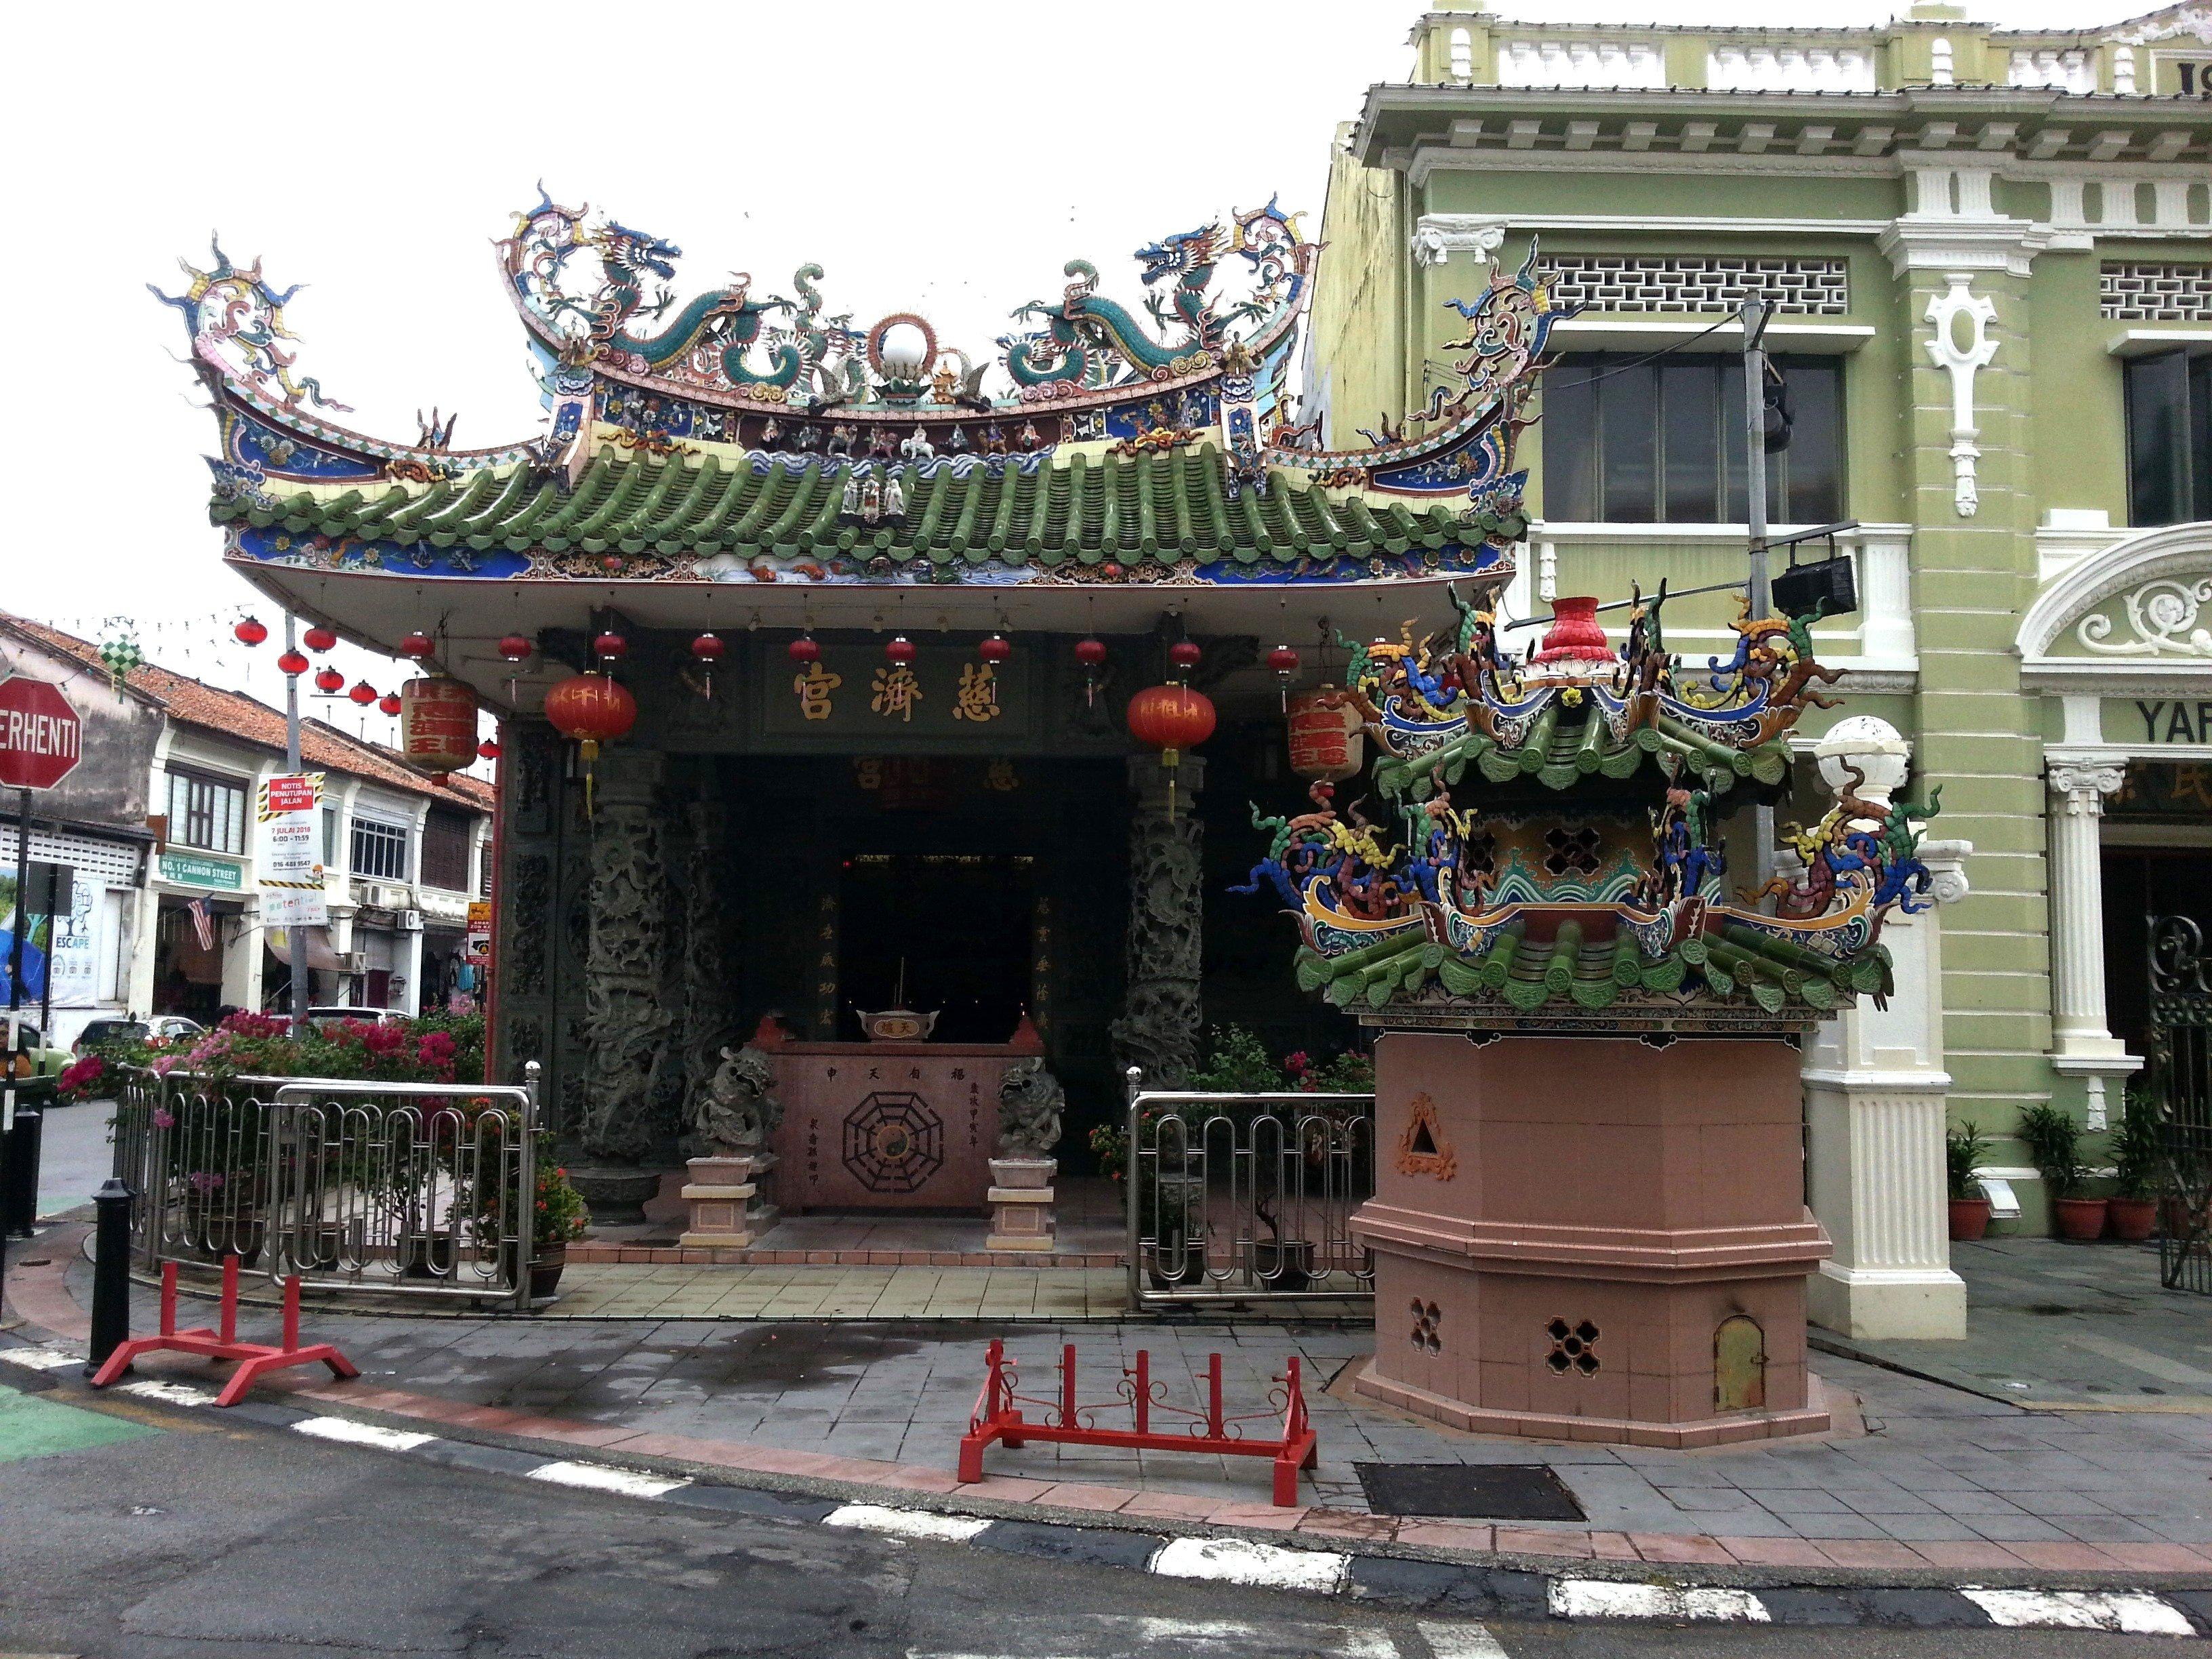 Armenia Street in George Town, Penang